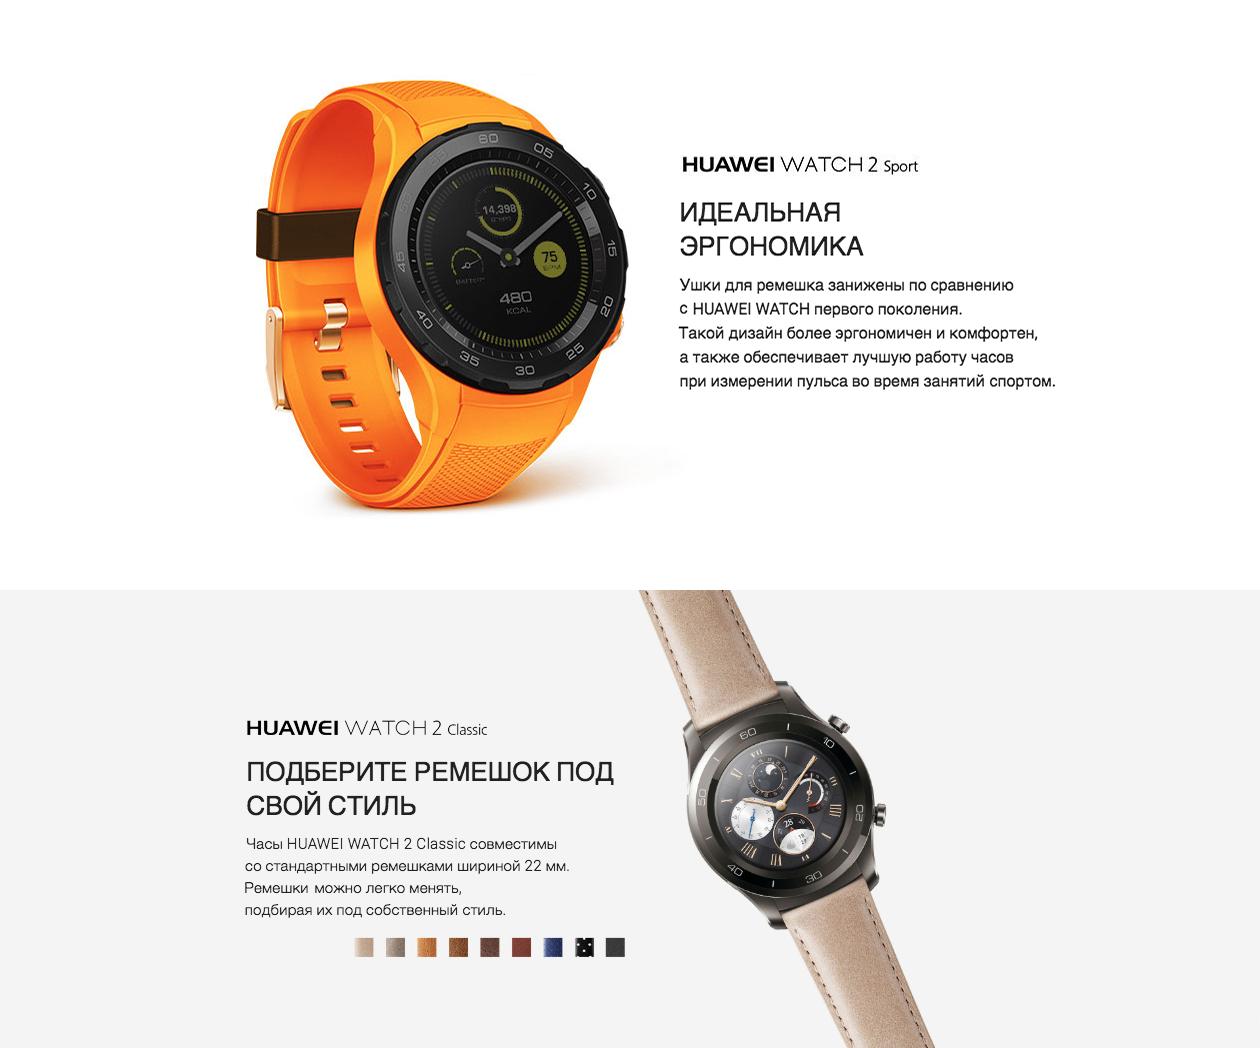 Купить Часы HUAWEI Watch 2 Sport 4G по выгодной цене на Яндекс.Маркете 50de6683913